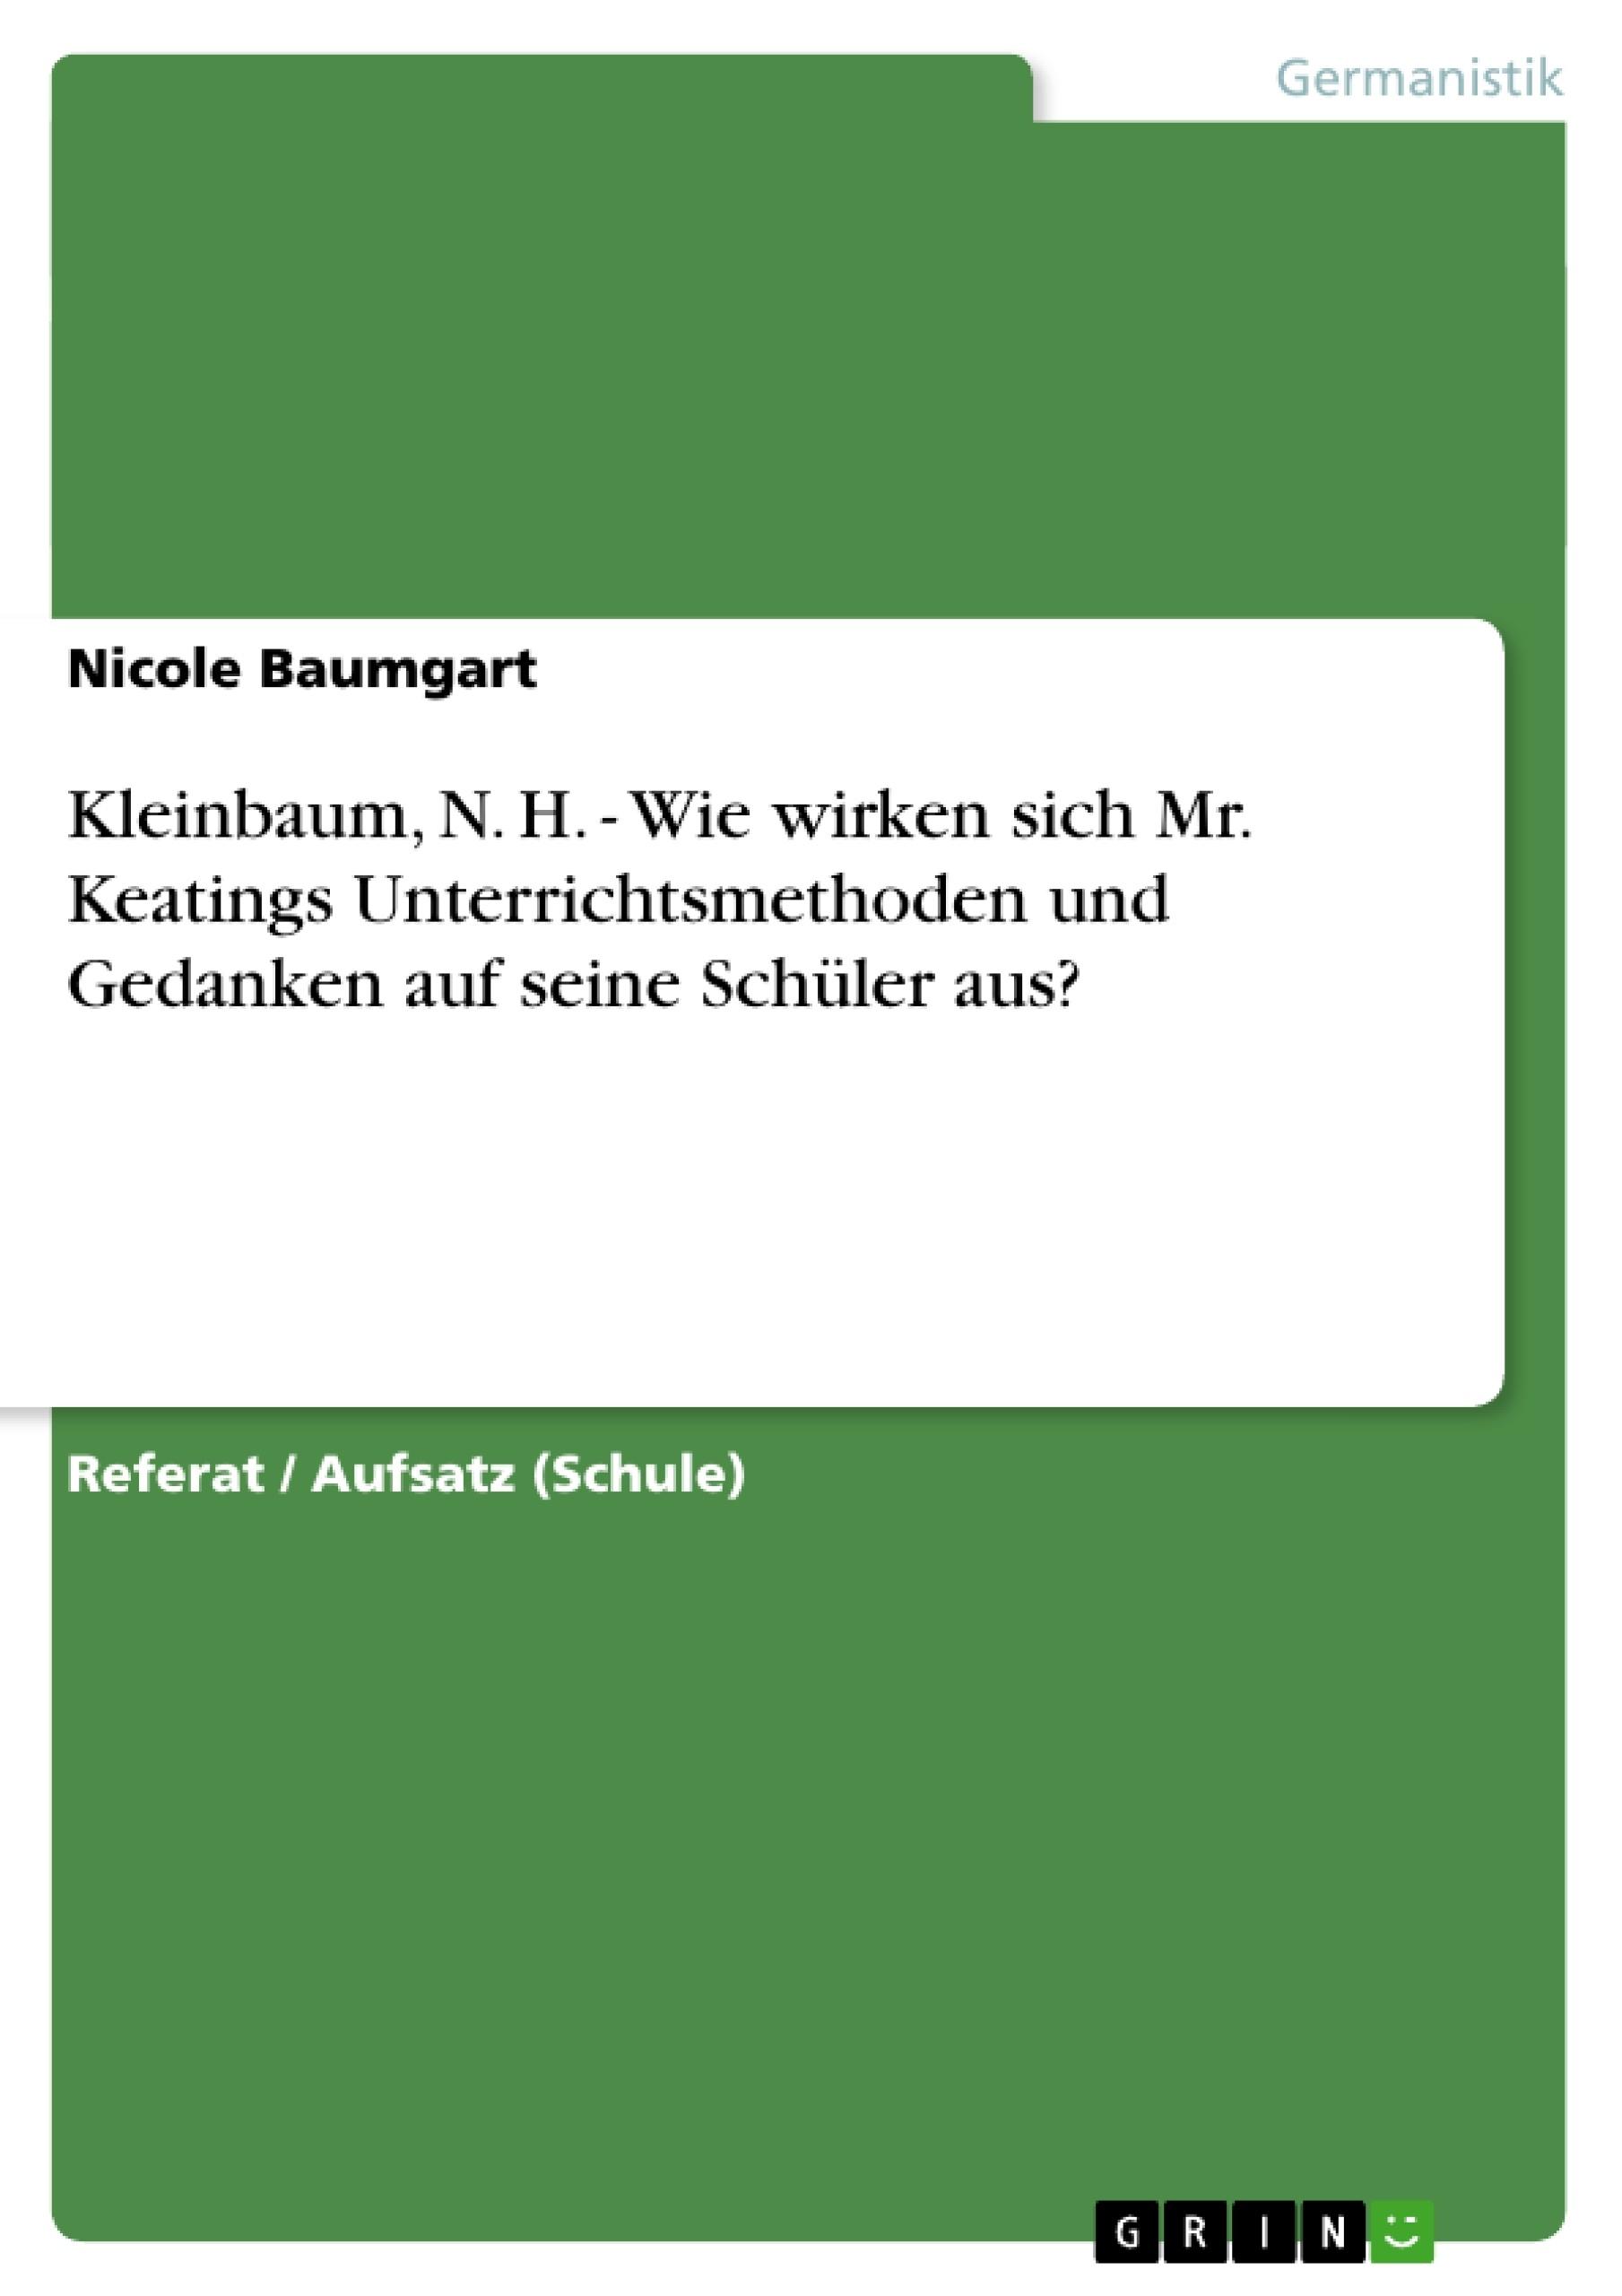 Titel: Kleinbaum, N. H. - Wie wirken sich Mr. Keatings Unterrichtsmethoden und Gedanken auf seine Schüler aus?